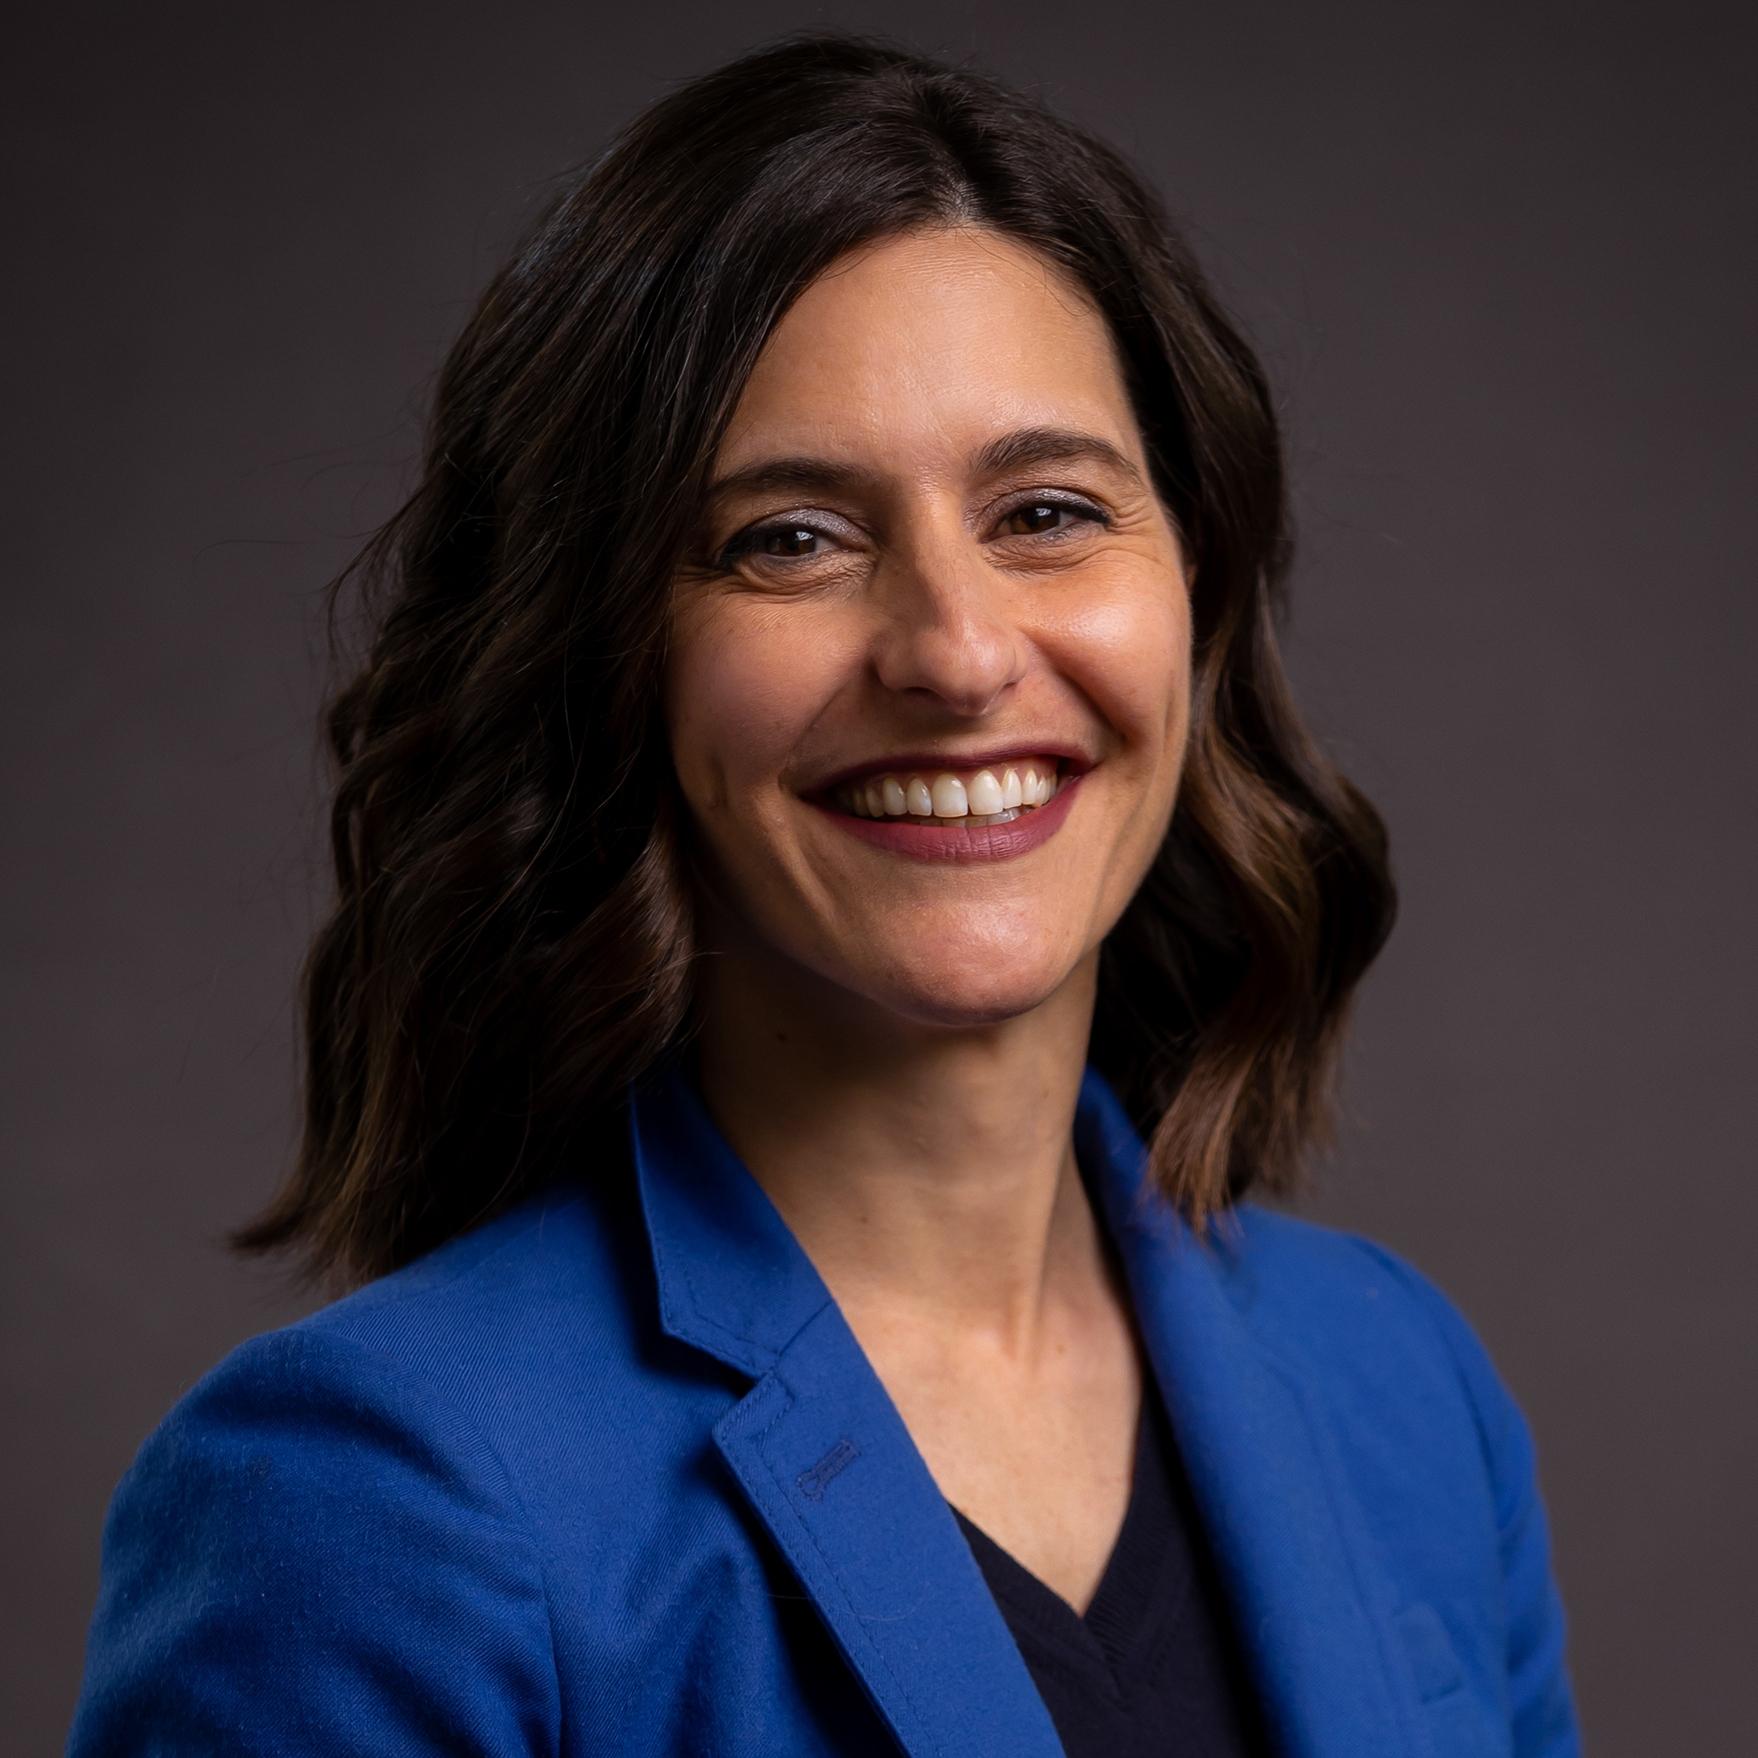 Executive Christine Khandelwal